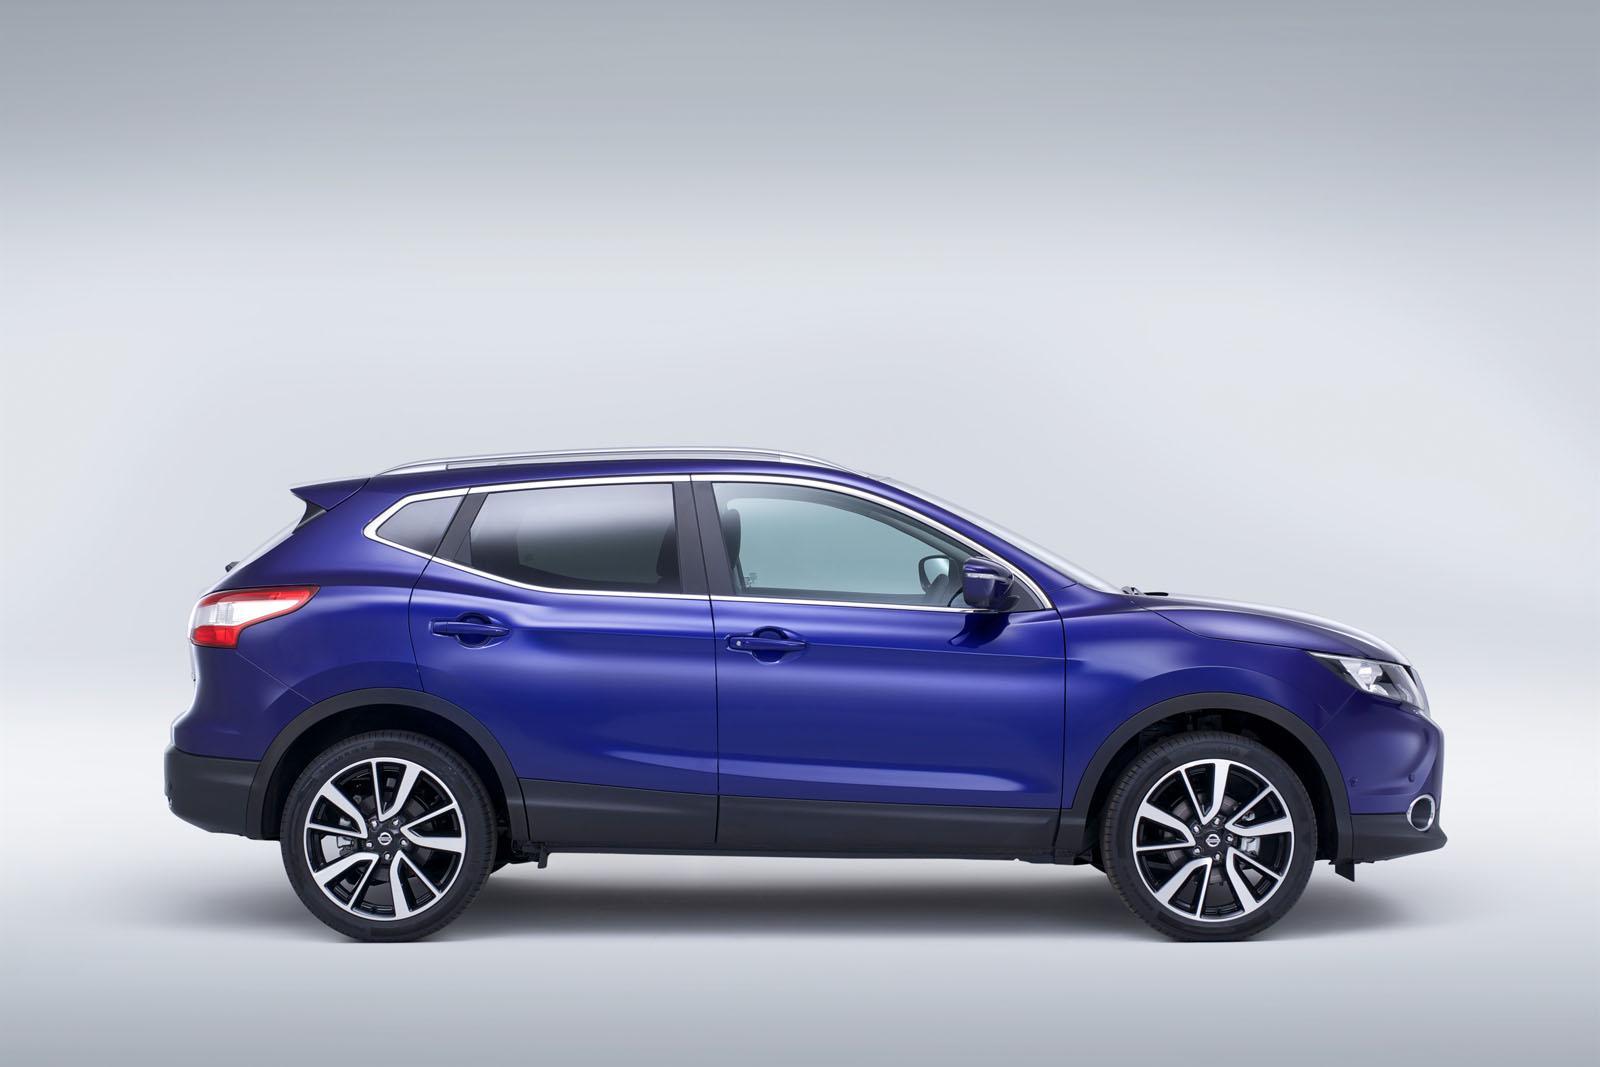 2014 Nissan Qashqai blue side - ForceGT.com